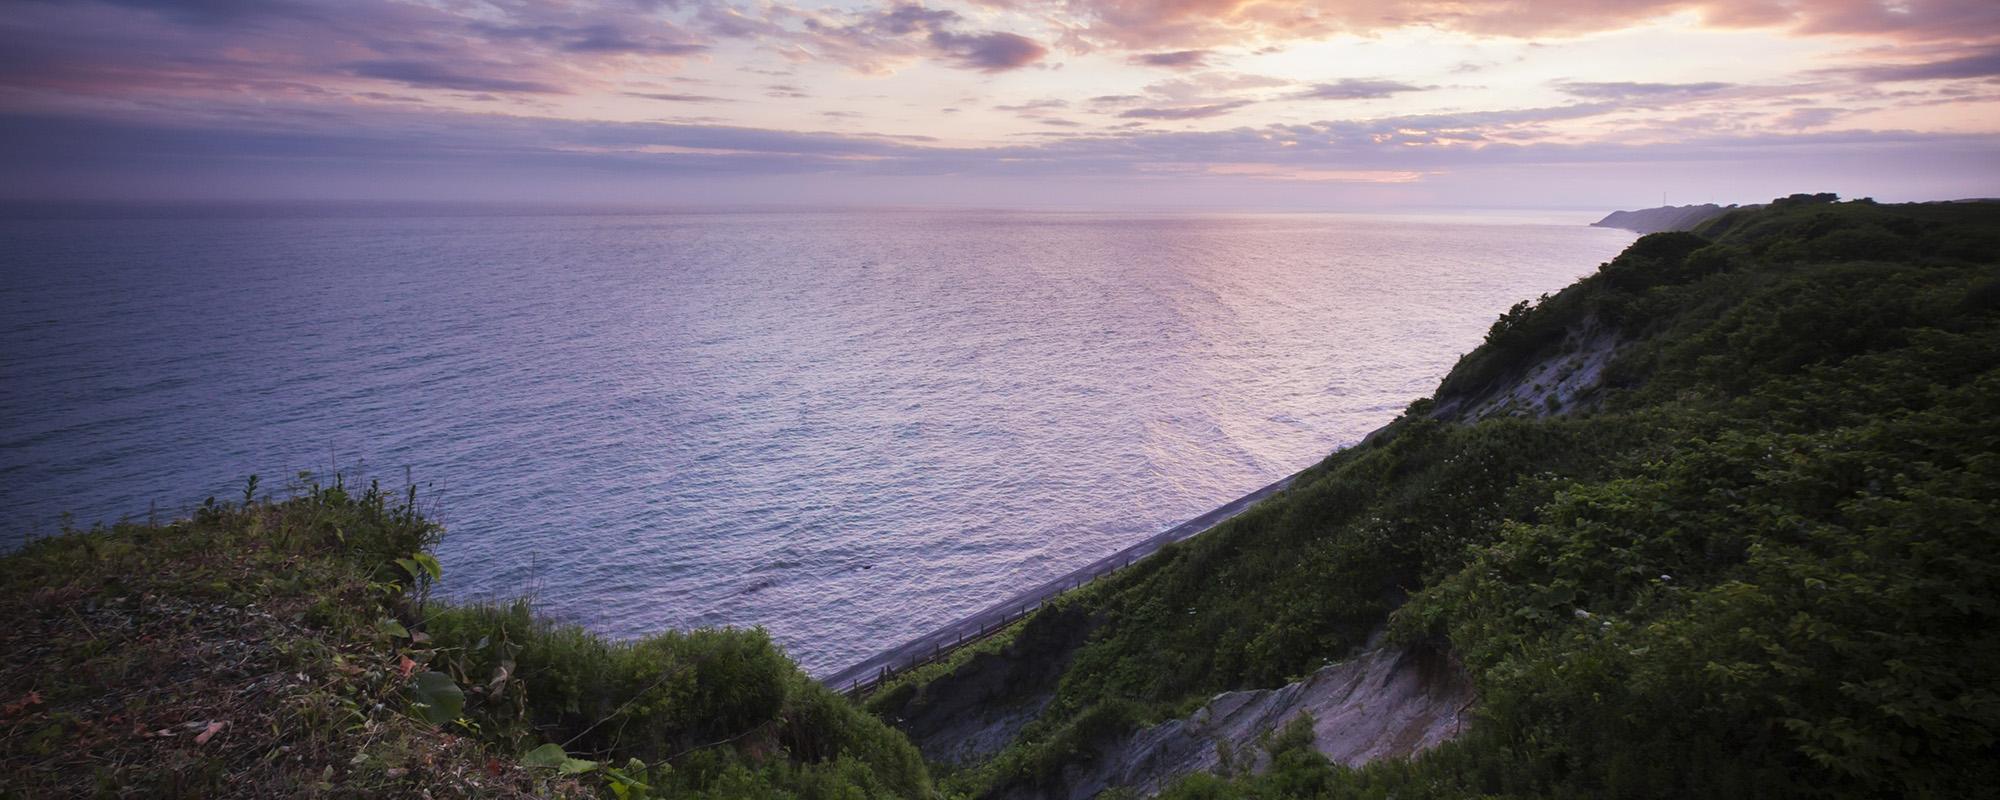 北海道、日高のナチュラルリゾート・ハイジア 海の風景